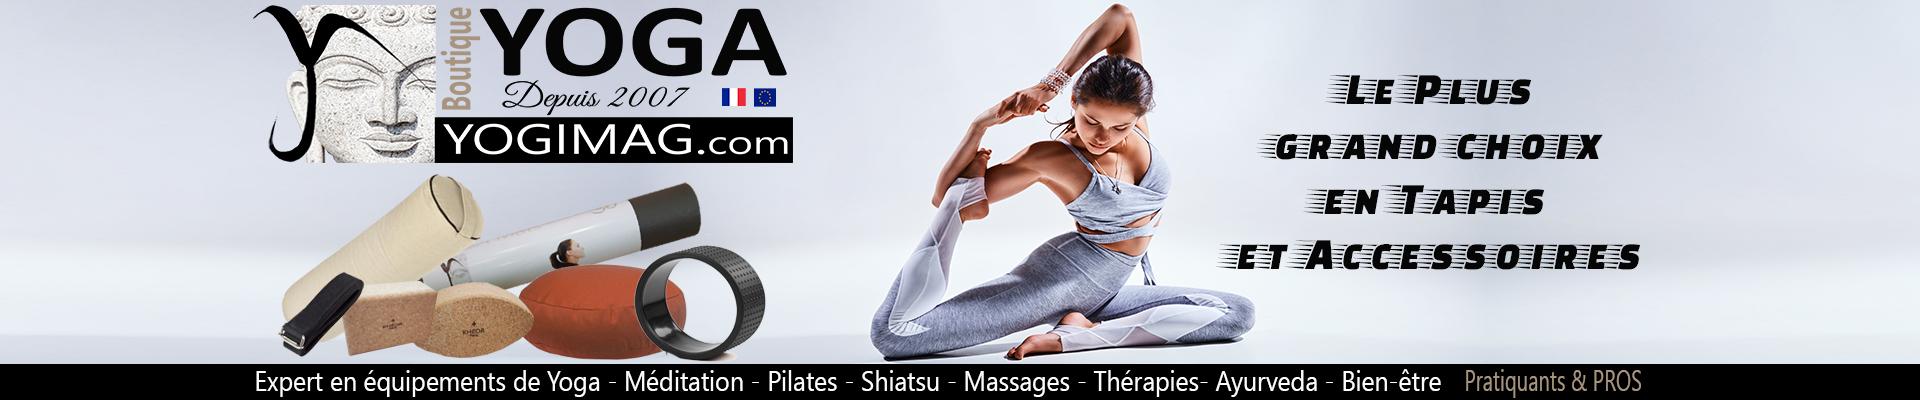 Yogimag boutique yoga à la une du site Esprit Yoga